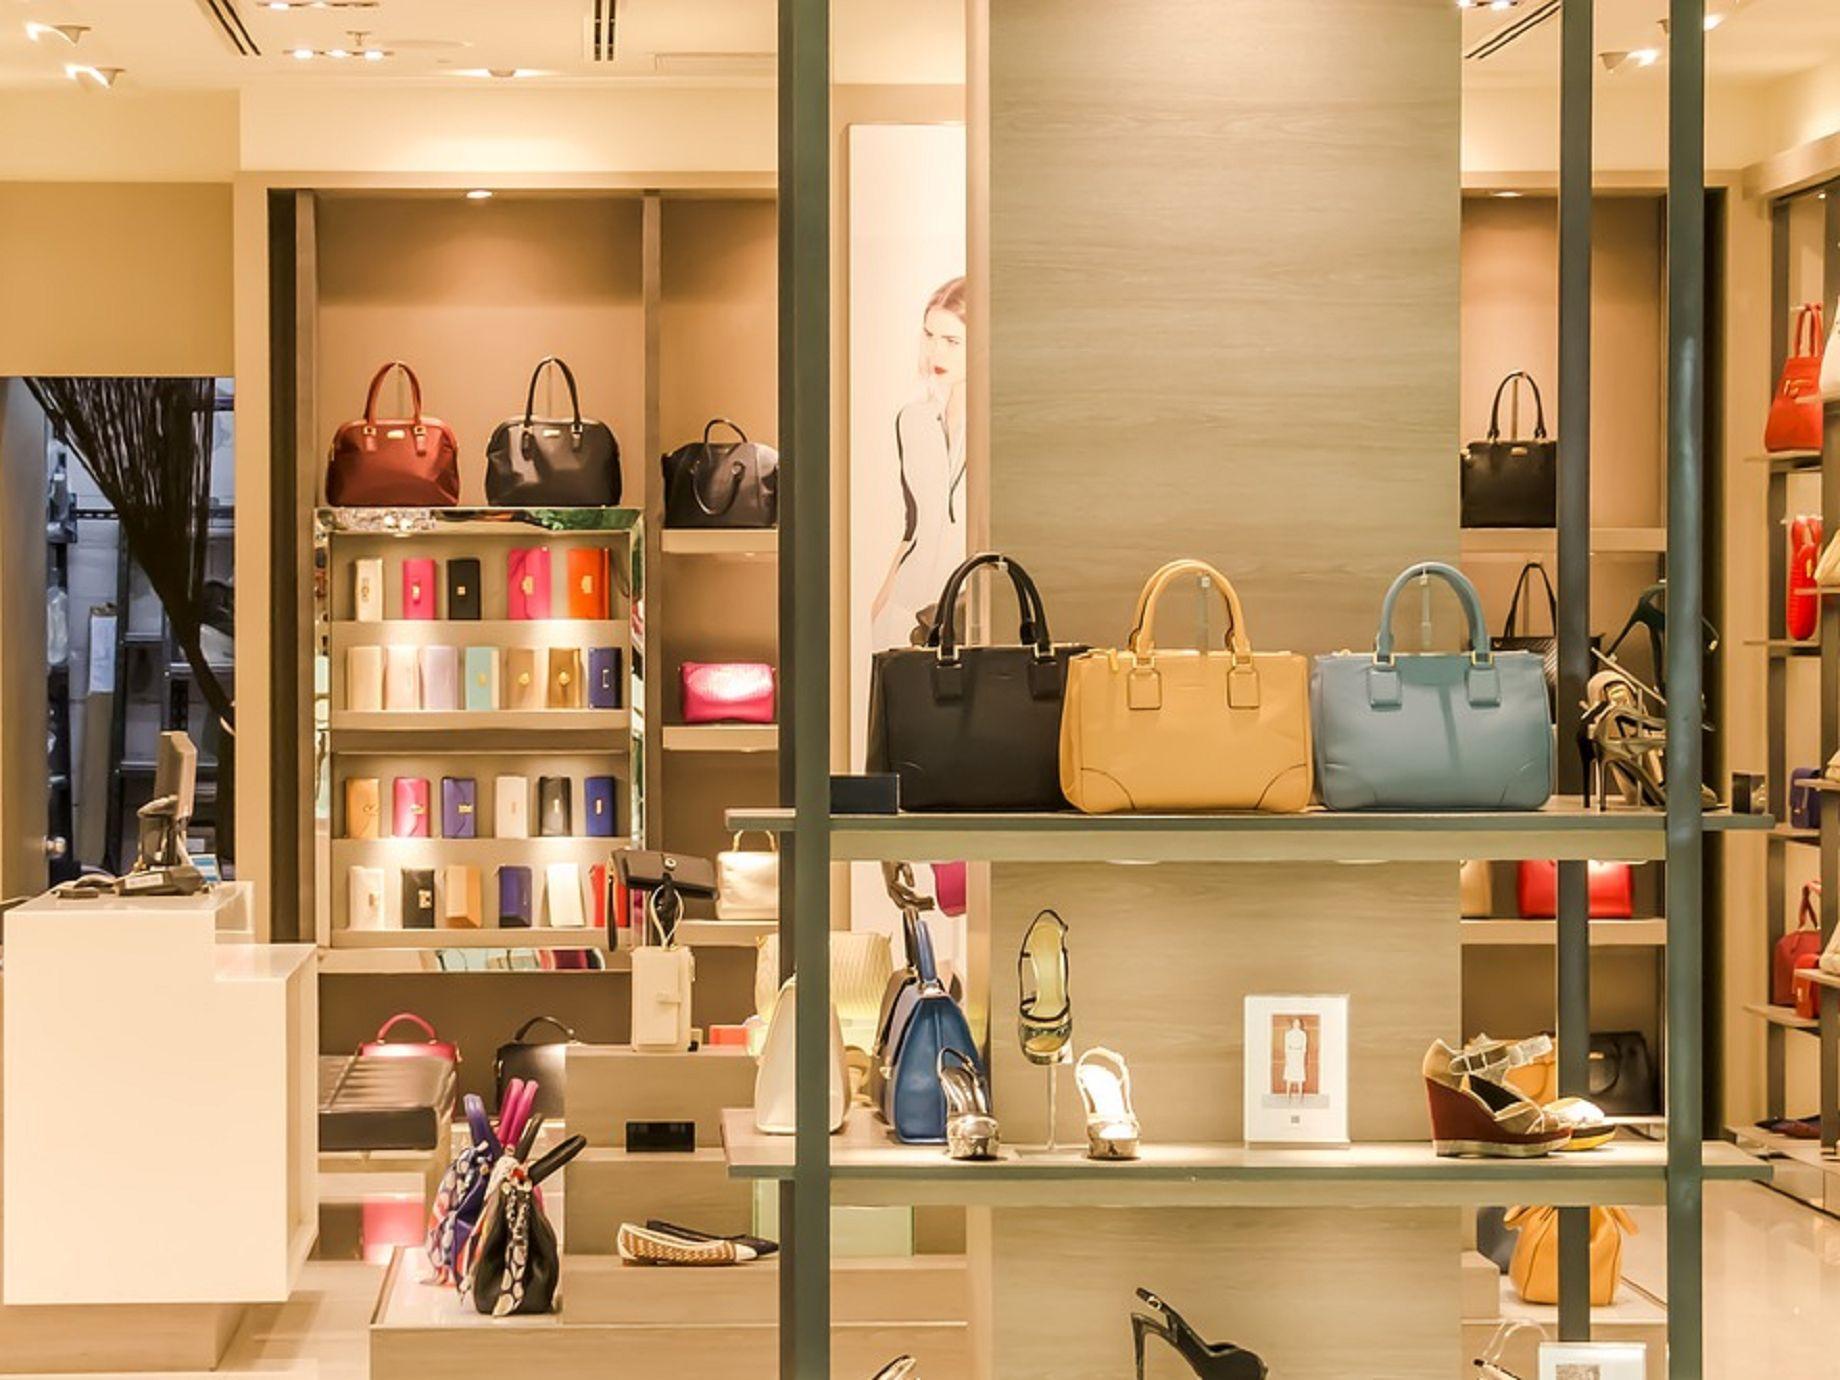 精品集團LVMH宣布成立線上百貨平台,奢侈品整合性電商平台漸成趨勢